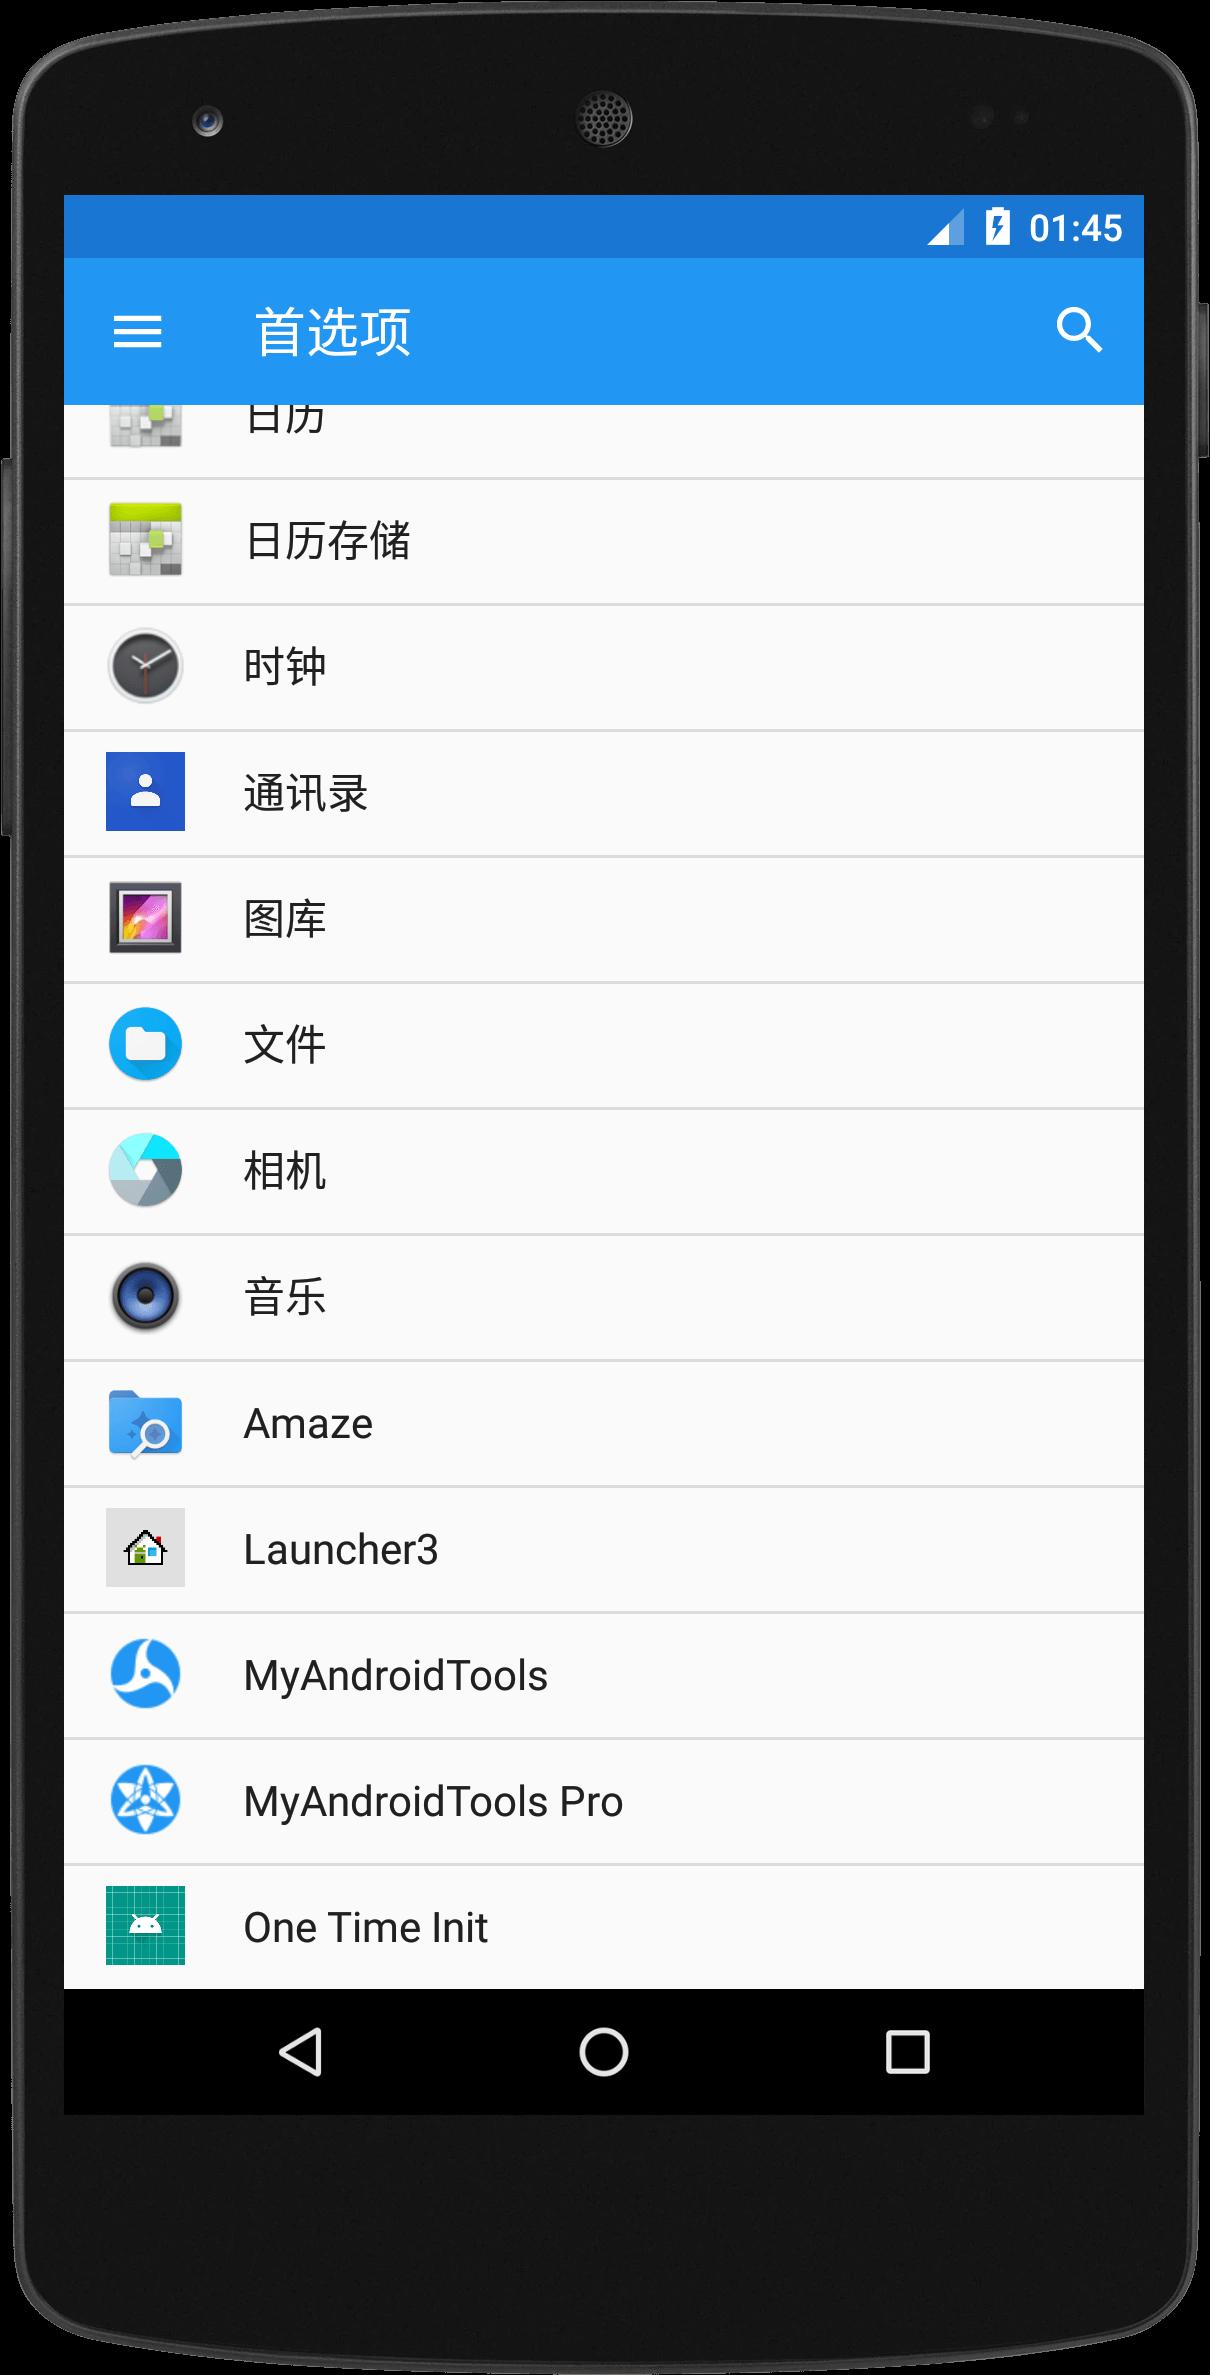 [应用列表]